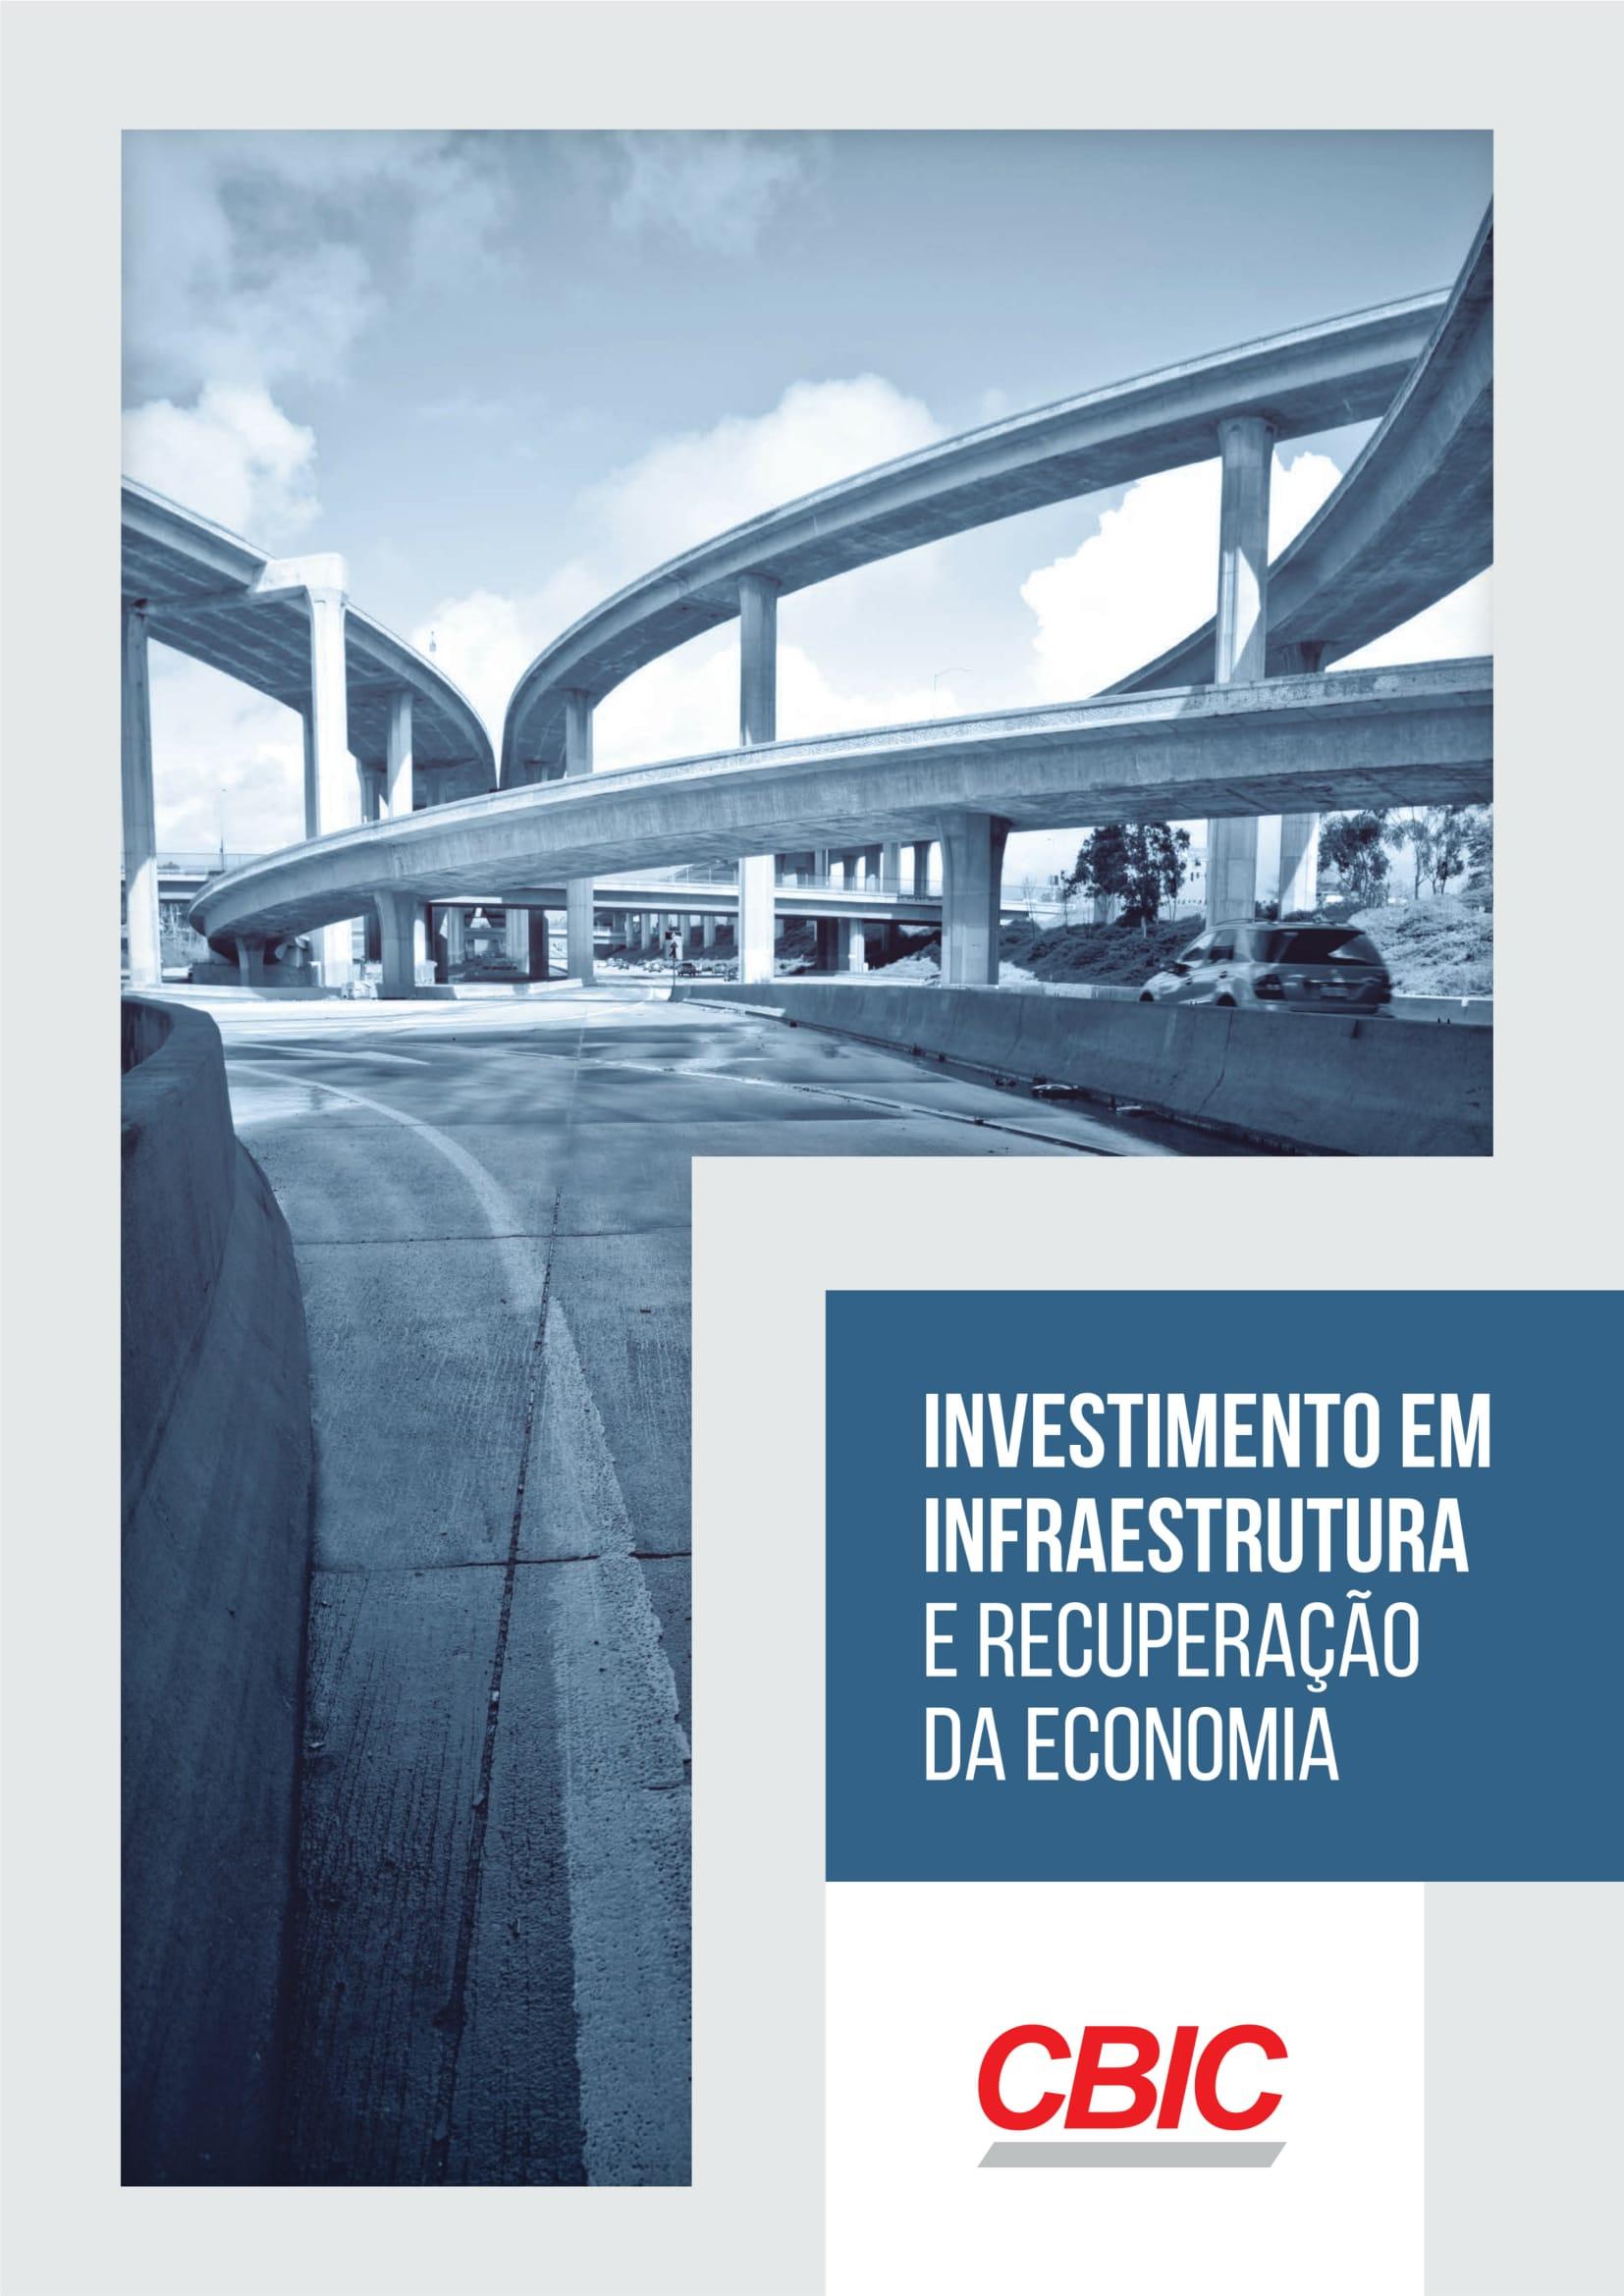 8b8fe8b66 Capa Investimento Em Infraestrutura e Recuperacao da Economia 2015-1.jpg